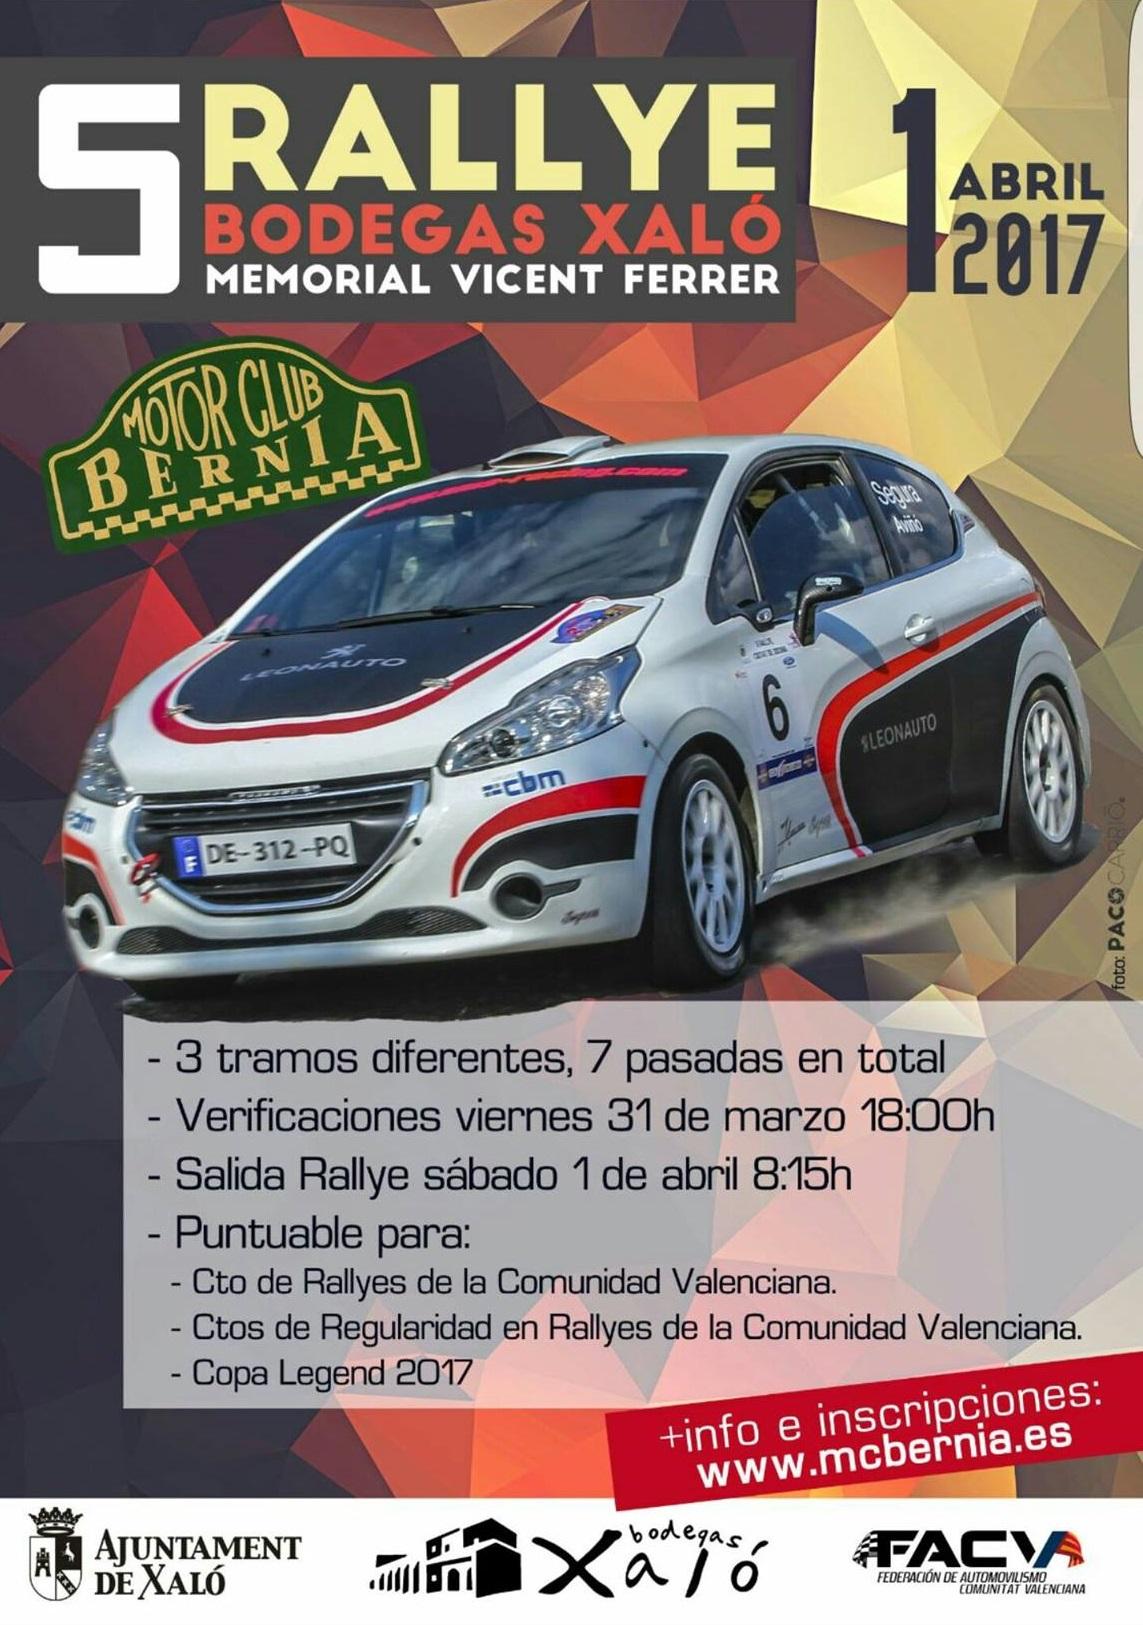 Cartel del Rallye Bodegas Xaló 2017